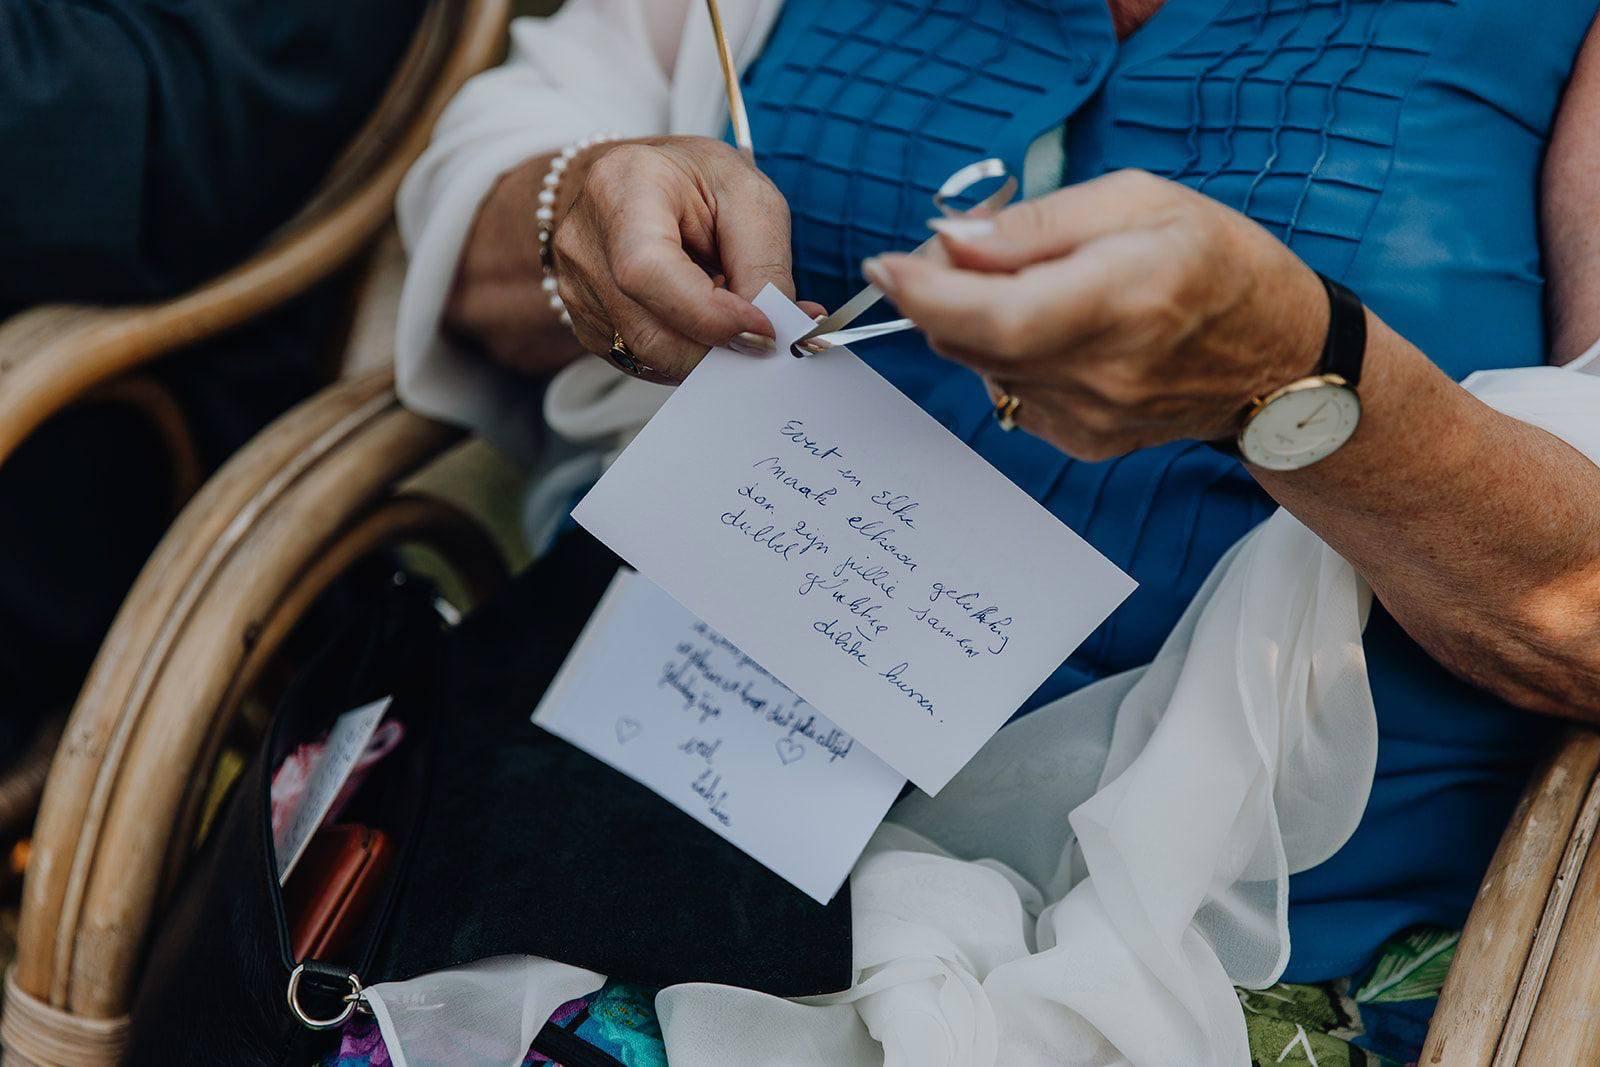 Event'L Ceremonie - Fotograaf Lux Visual Storytellers - House of Weddings 16